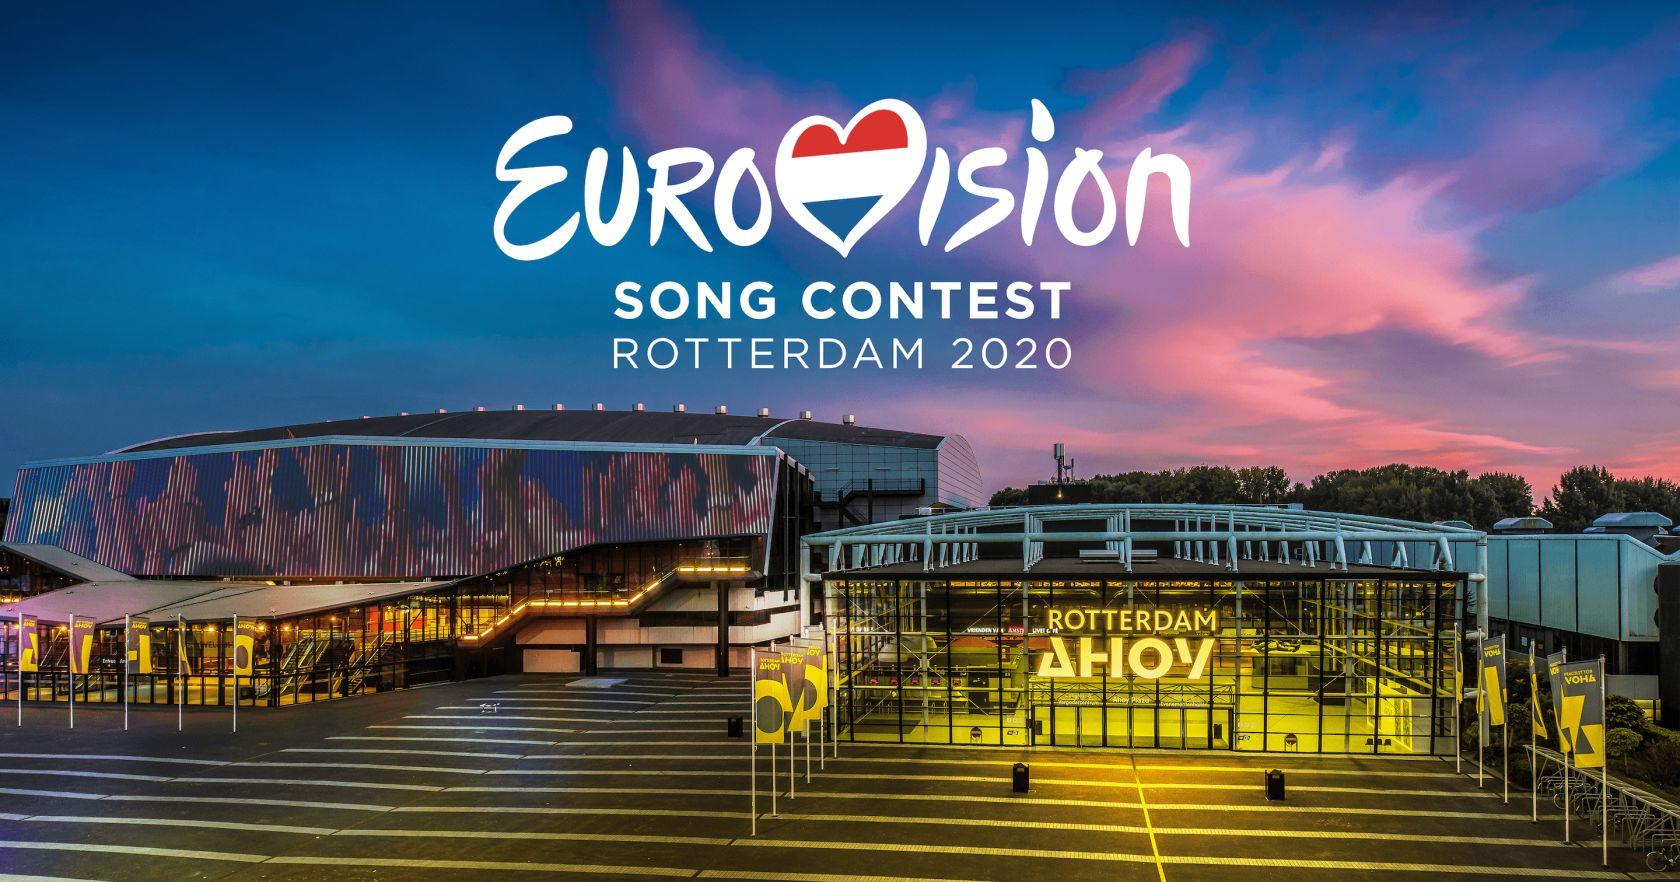 Официально отменили! Конкурса Евровидение в этом году не будет. Все подробности